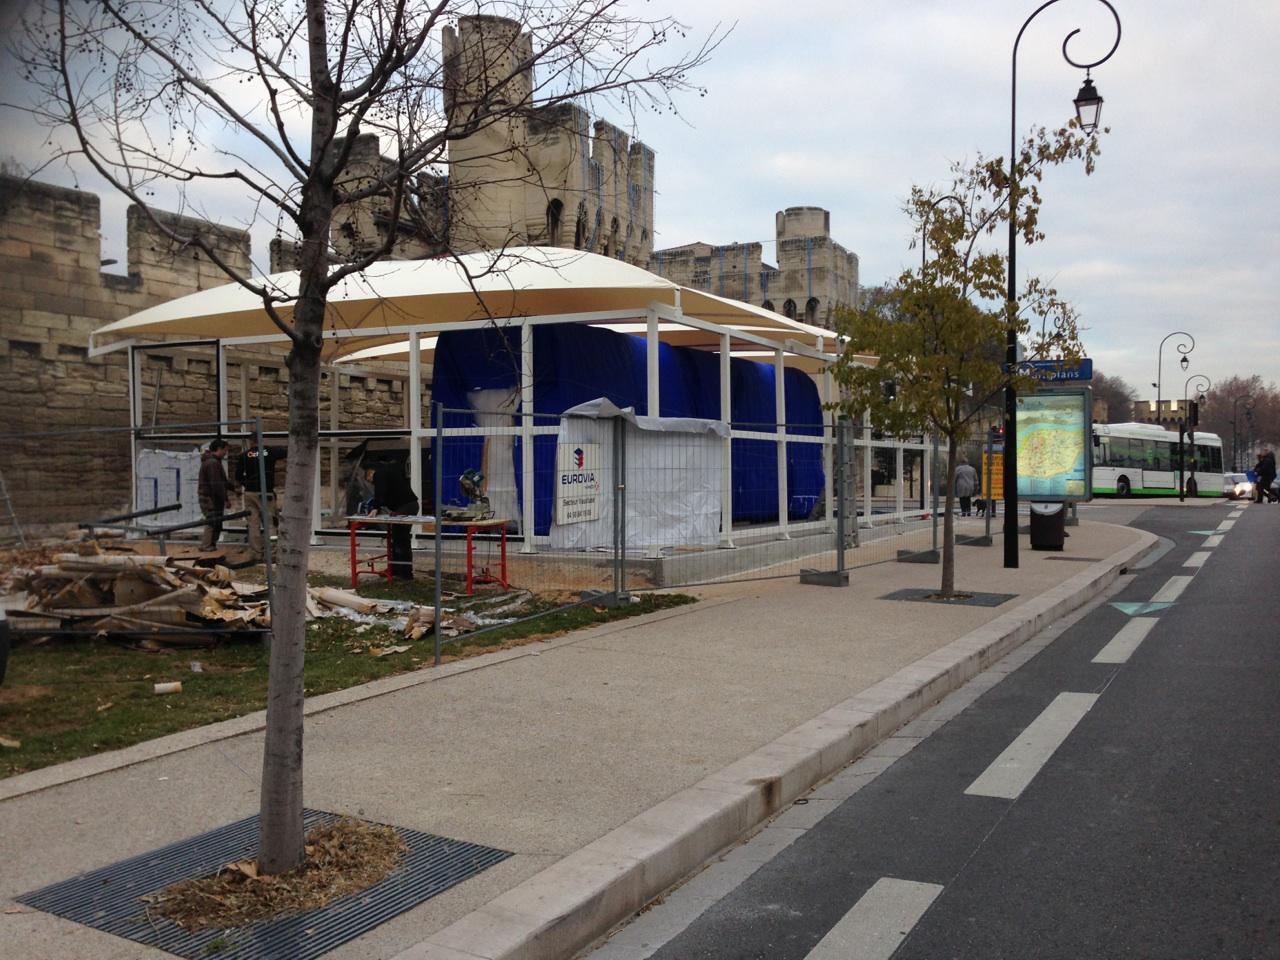 Abri monté et installé pour la maquette du tramway d'Avignon